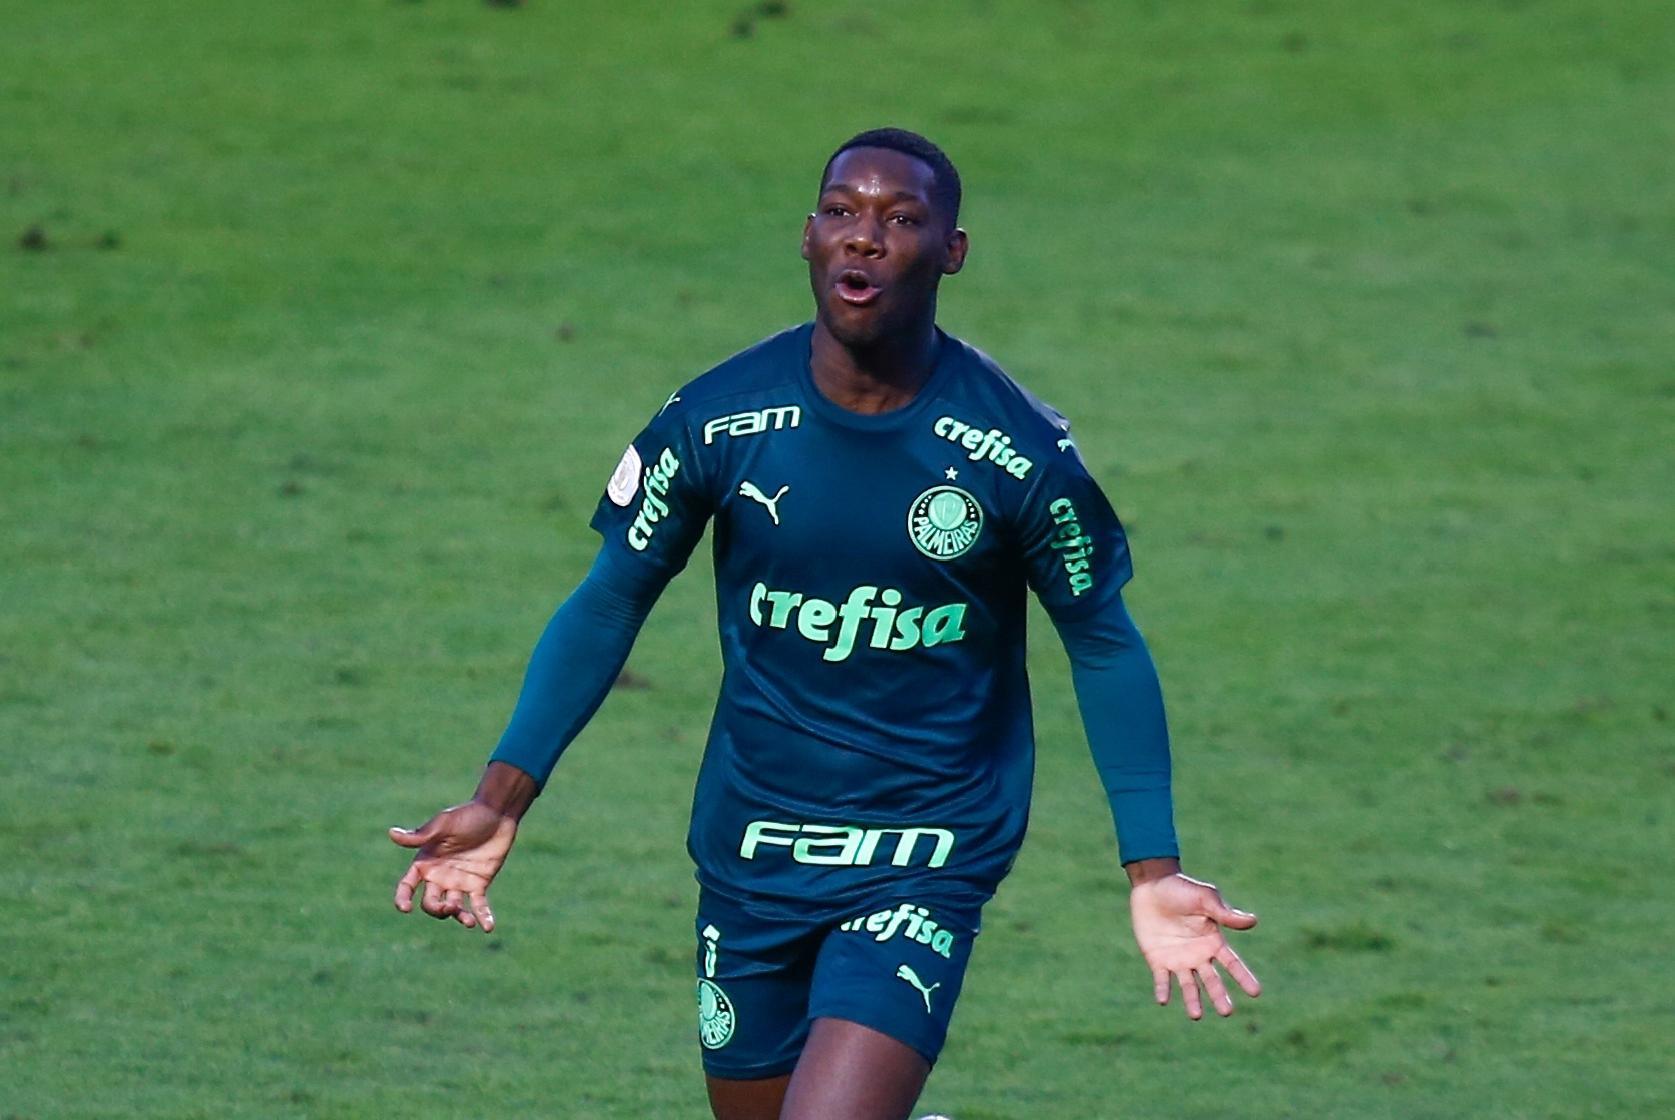 Jovens incomodam veteranos no Palmeiras